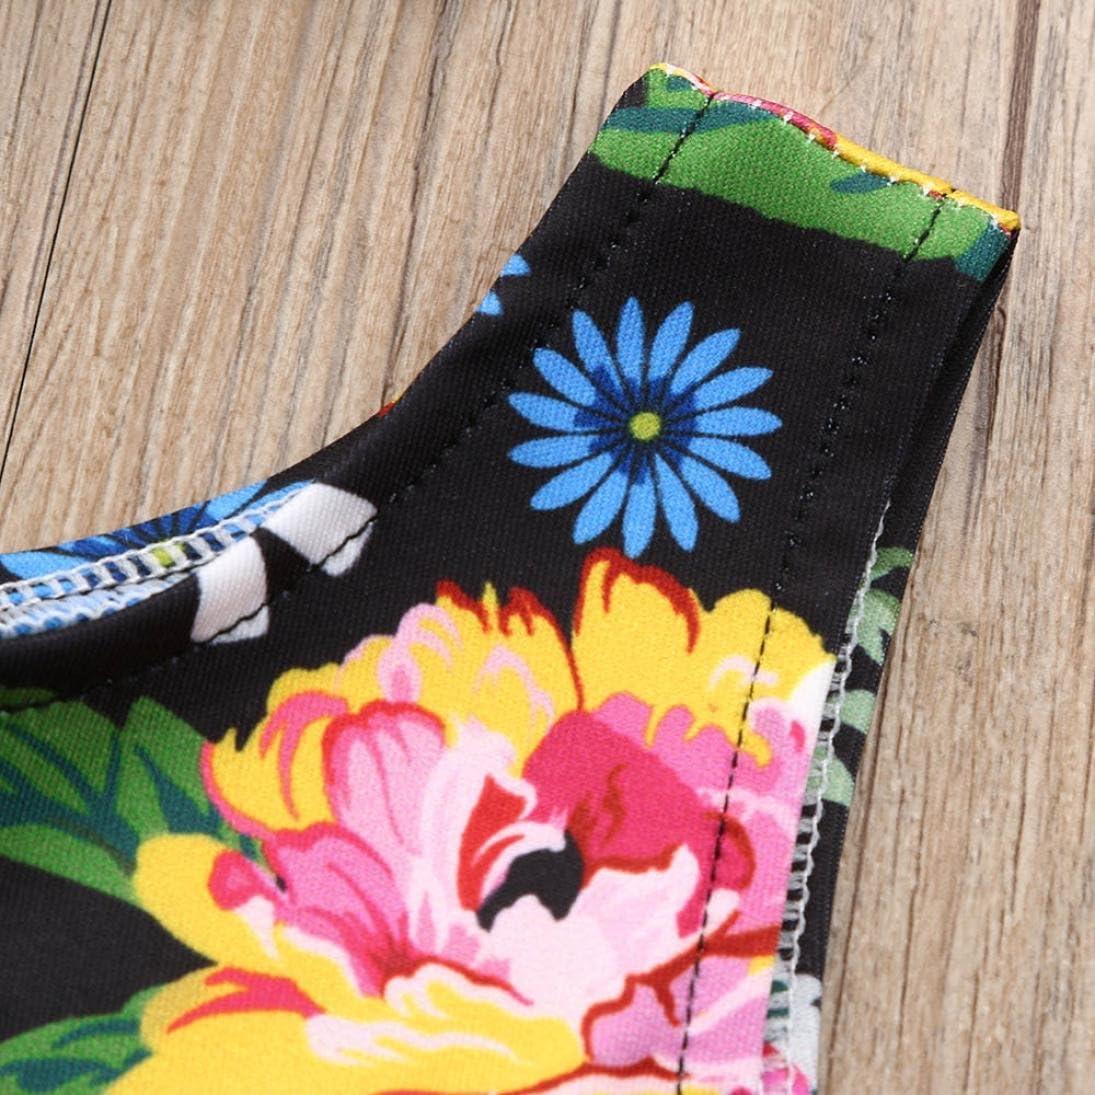 Ropa Bebe Recien Nacido Verano Ni/ña Arco Sin Mangas Tut/ú Vestidos Ni/ñas Floral Bowknot Princesa Vestidos De Fiesta Trajes K-youth Ropa Ni/ña